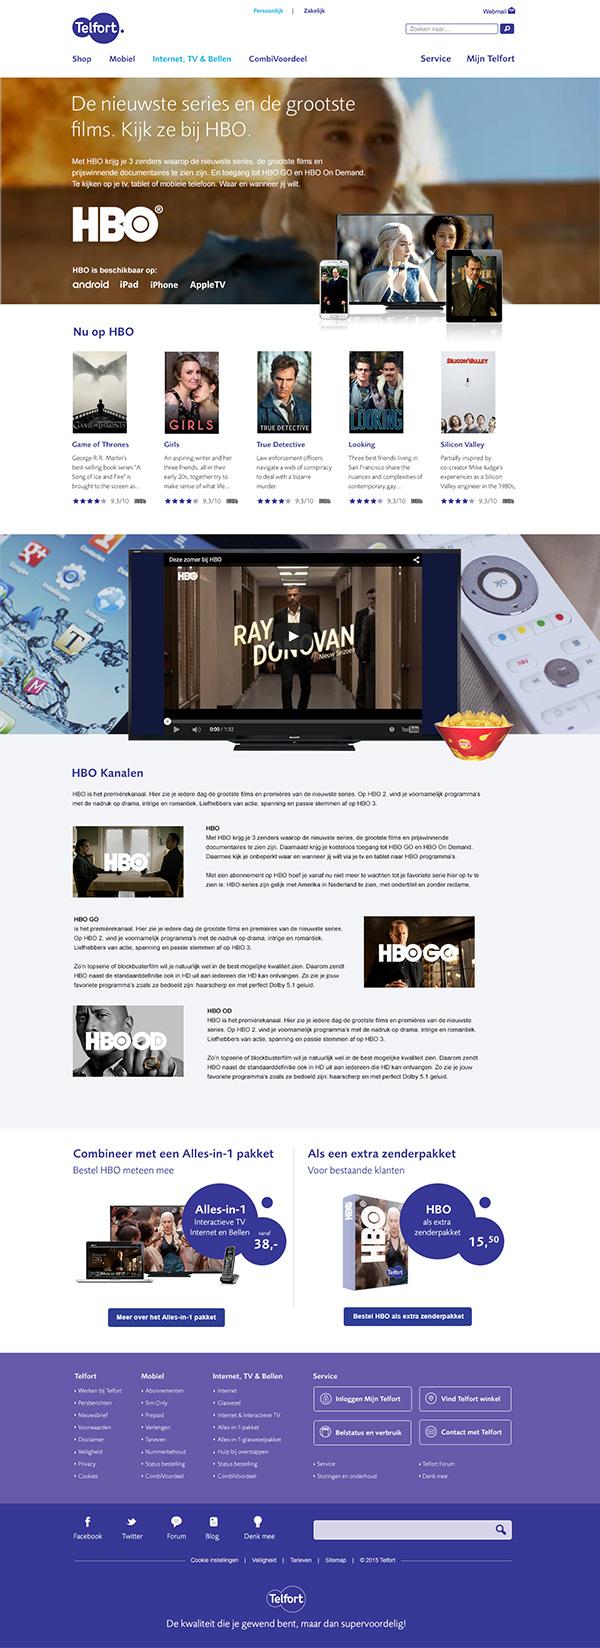 Afbeelding 1 van 4 - Telfort webshop pagina's re-design - HBO pagina